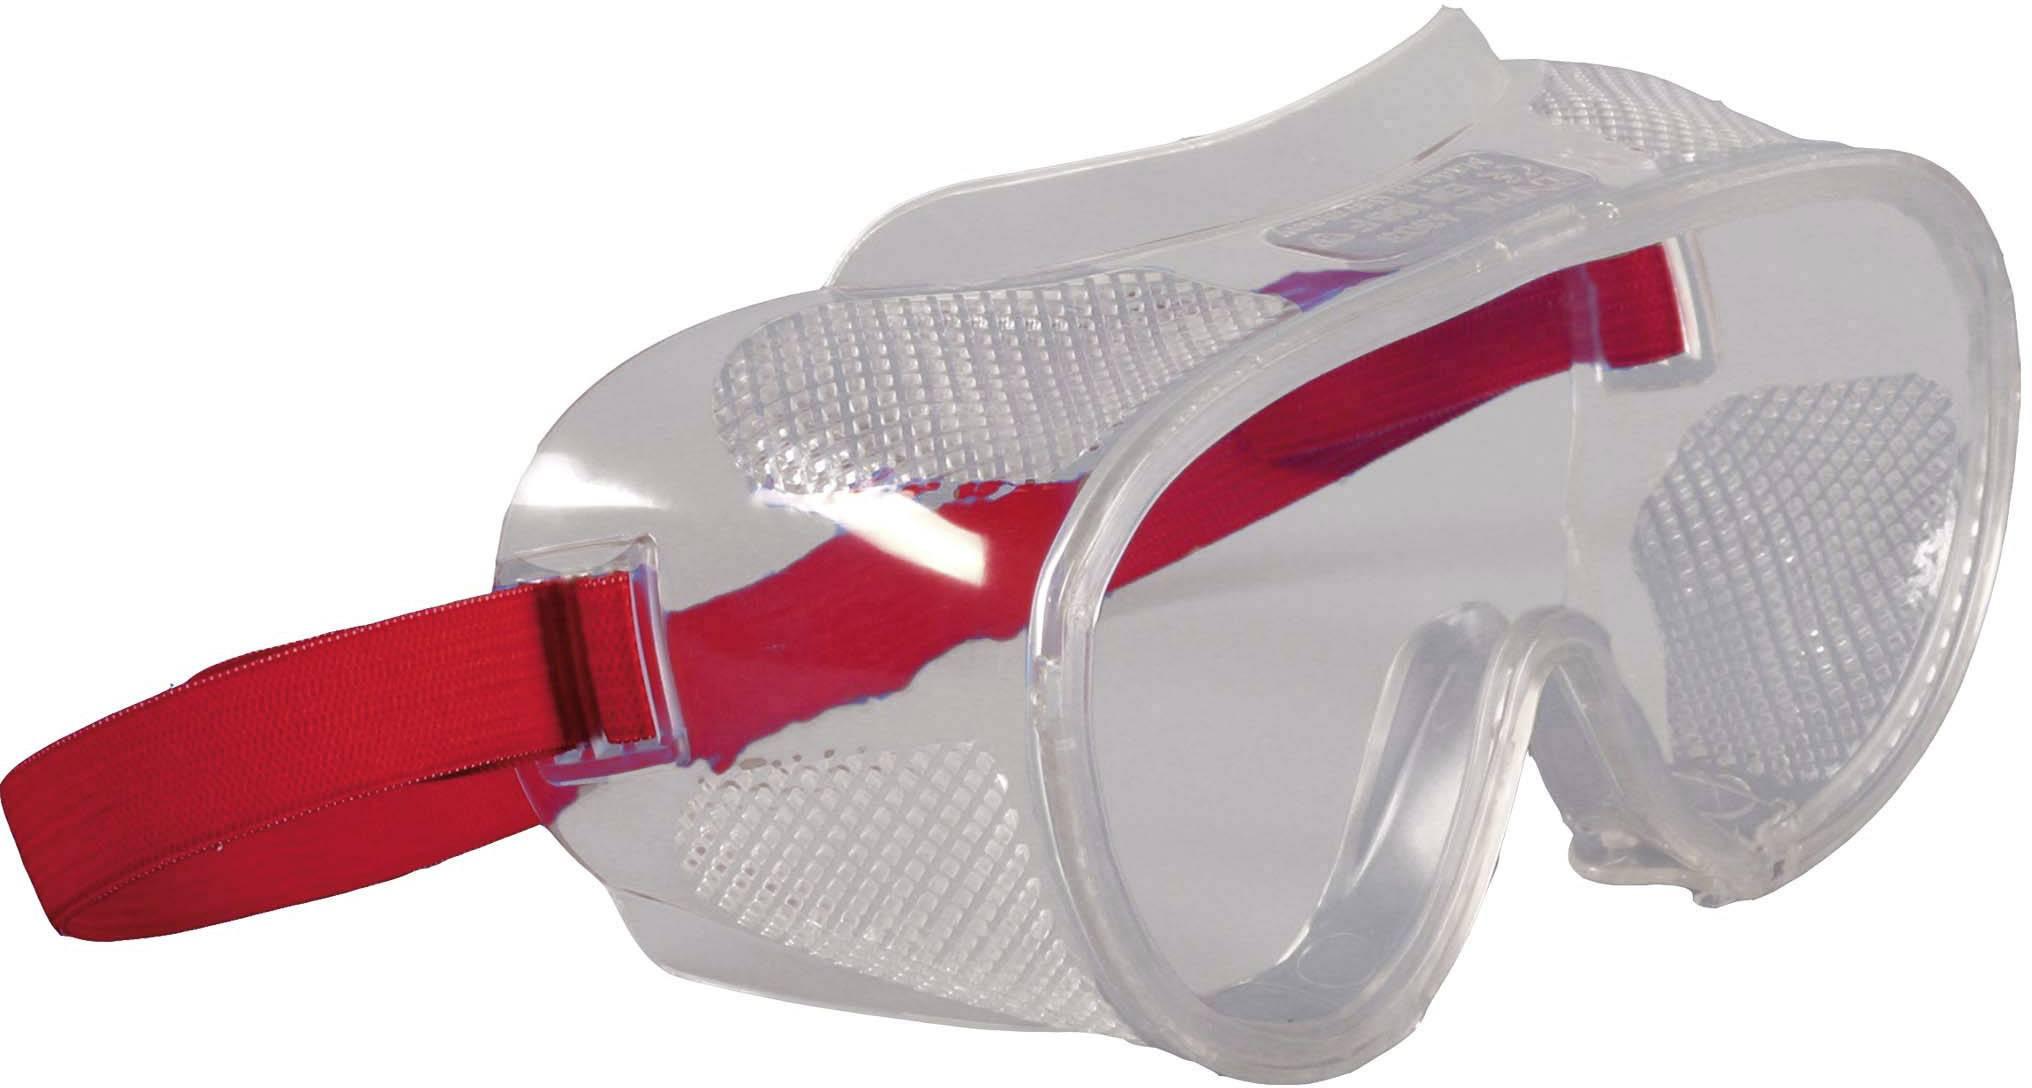 Uzatvorené ochranné okuliare L+D 2660